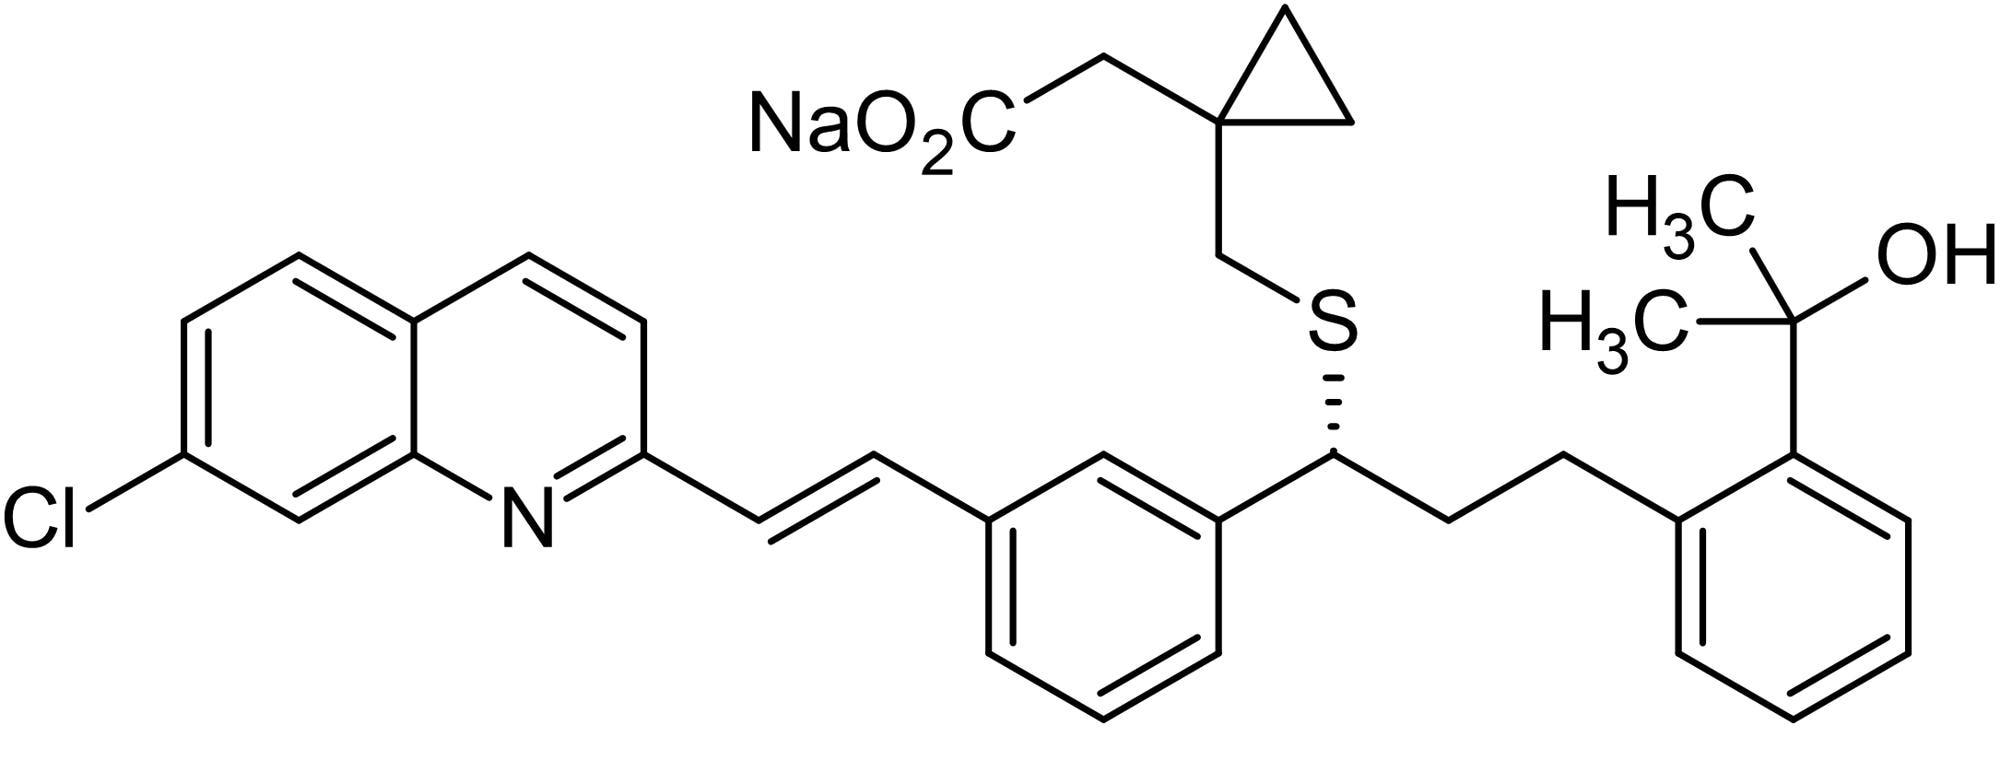 Chemical Structure - Montelukast sodium, leukotriene D4 antagonist (ab142323)